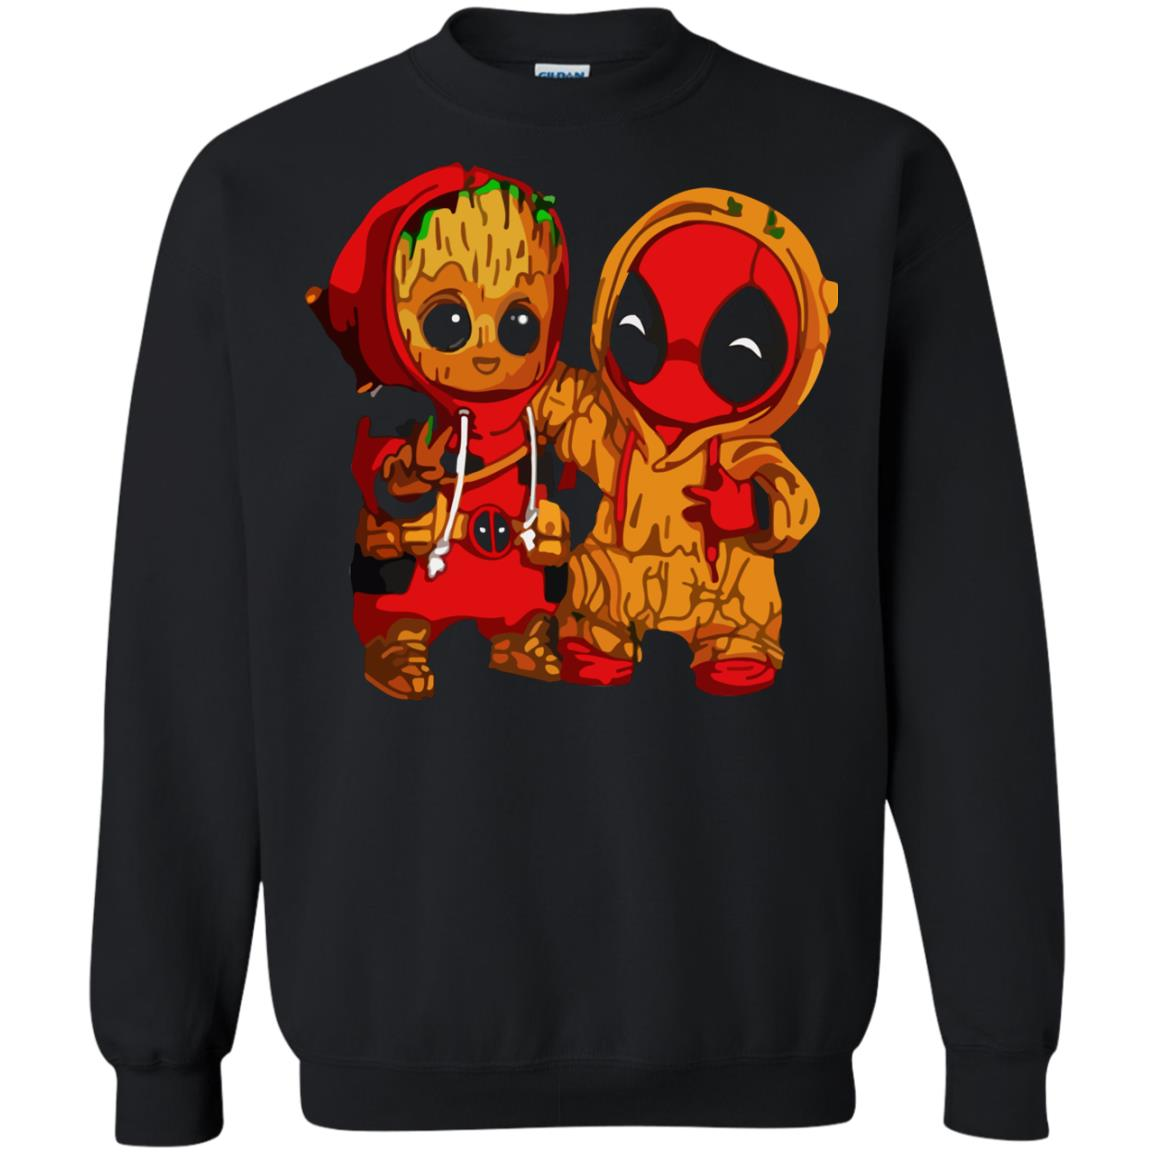 image 437 - Baby Groot And Deadpool Sweatshirt, Hoodie